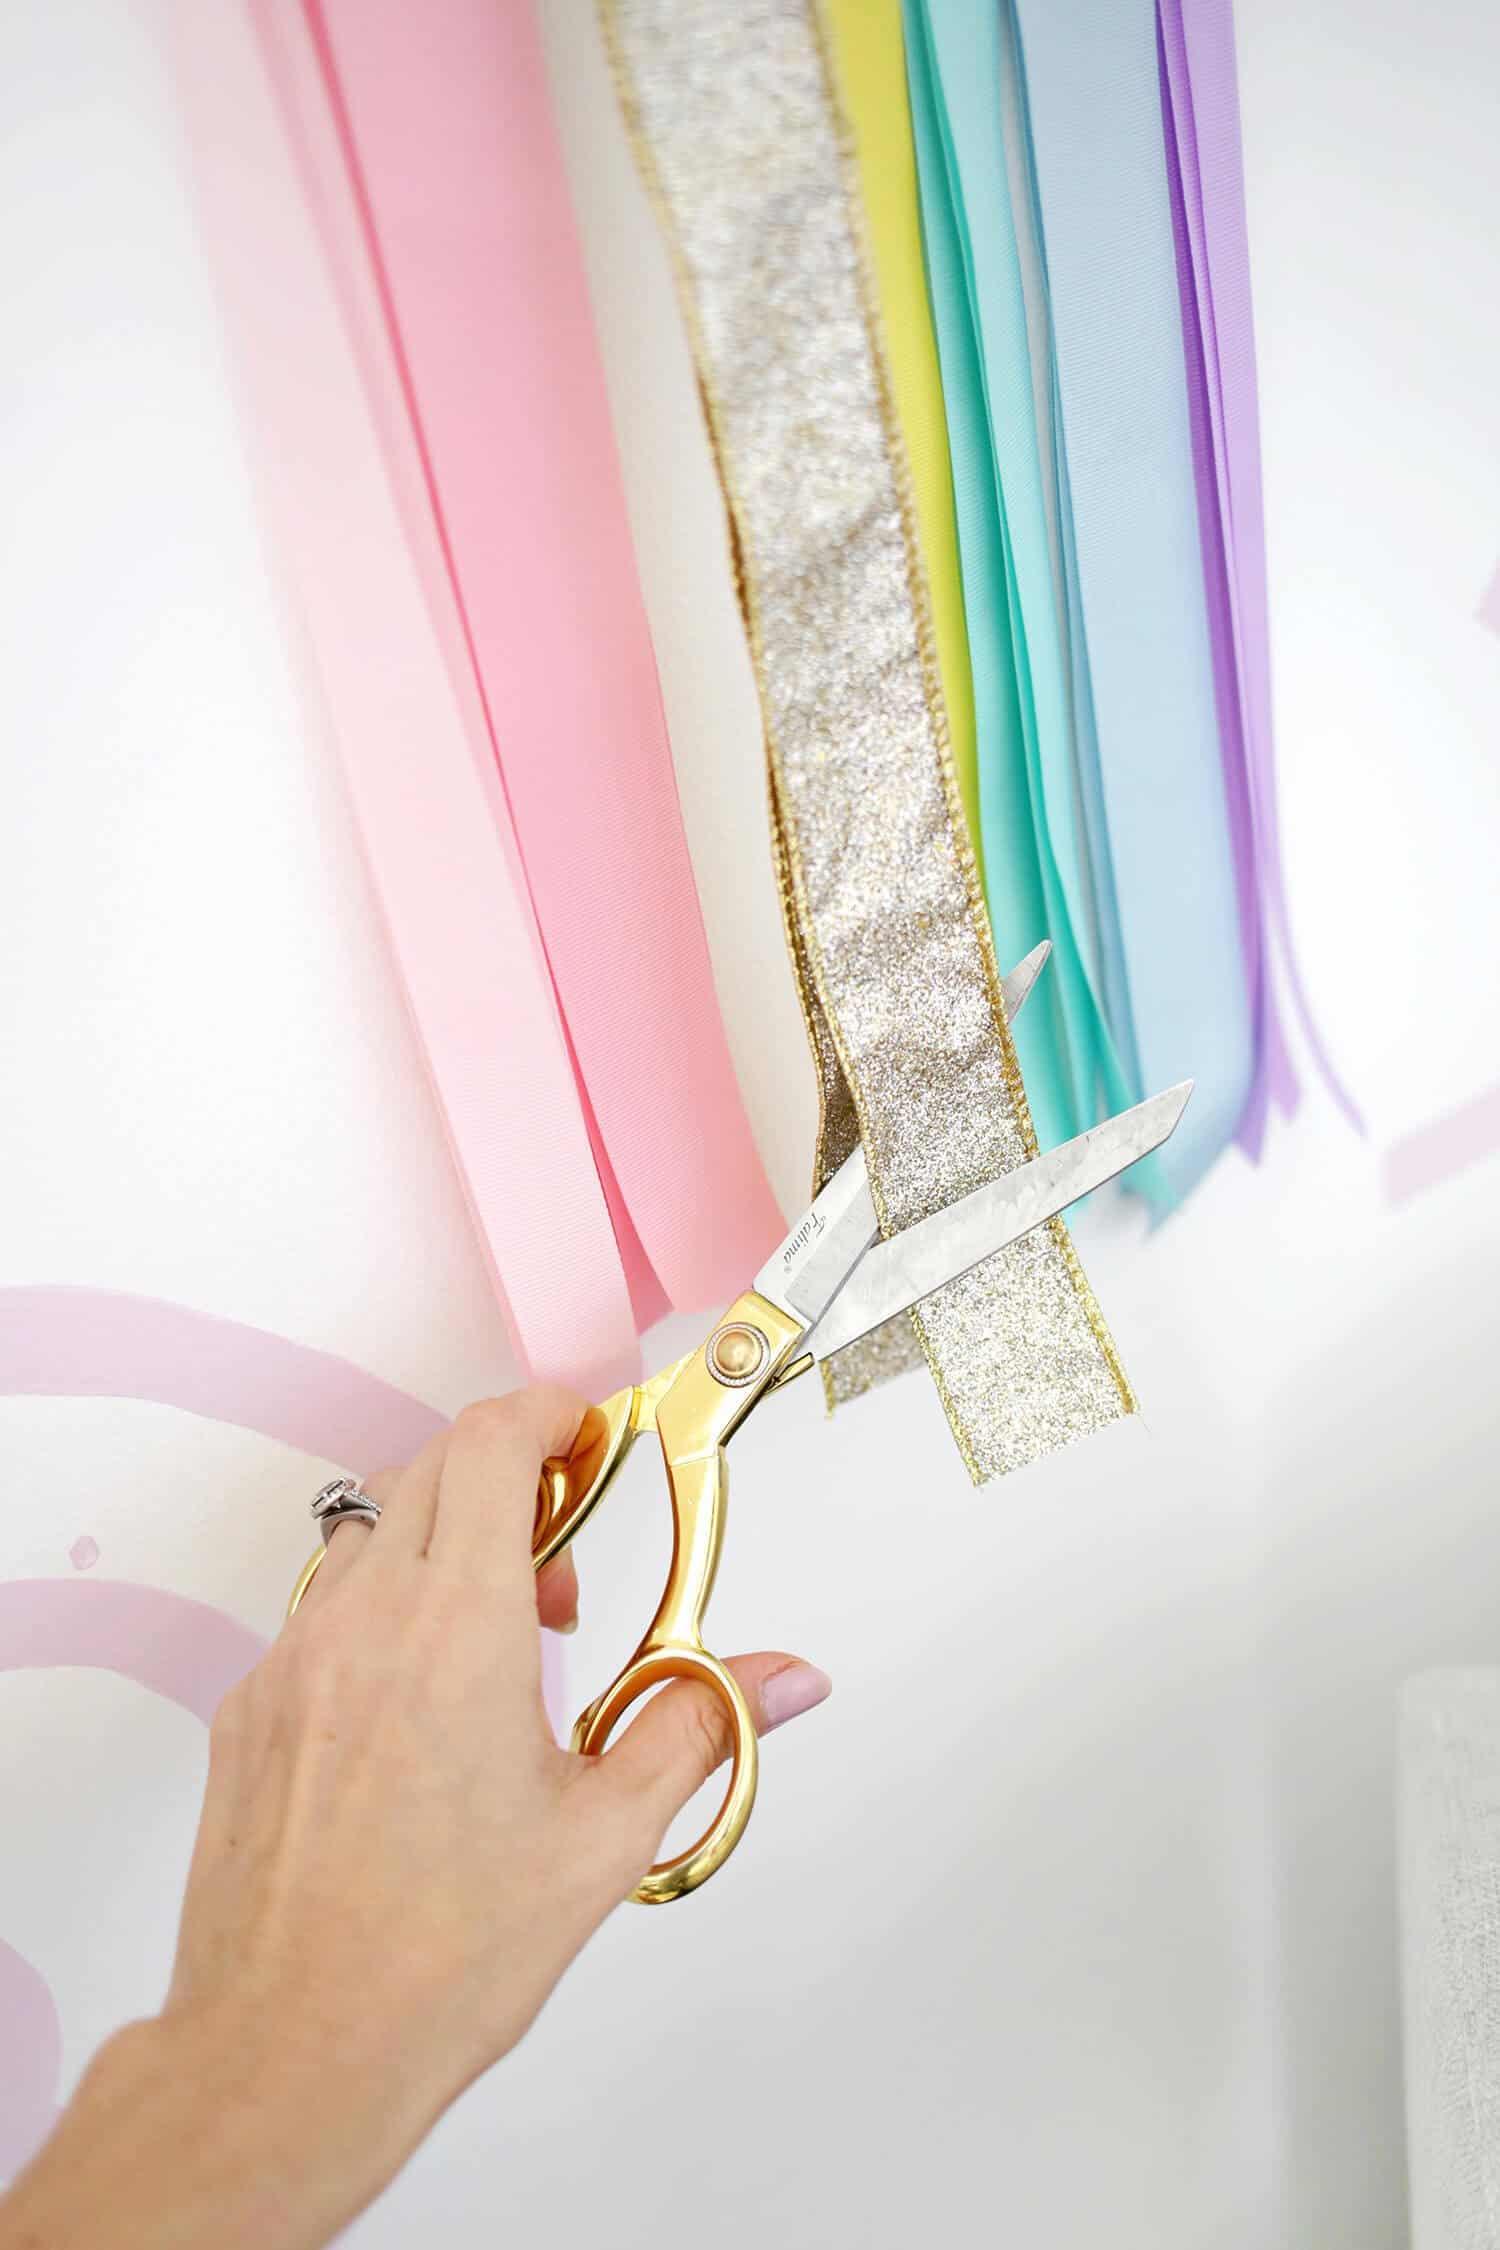 Kinder Band Regenbogen Wandbehang DIY